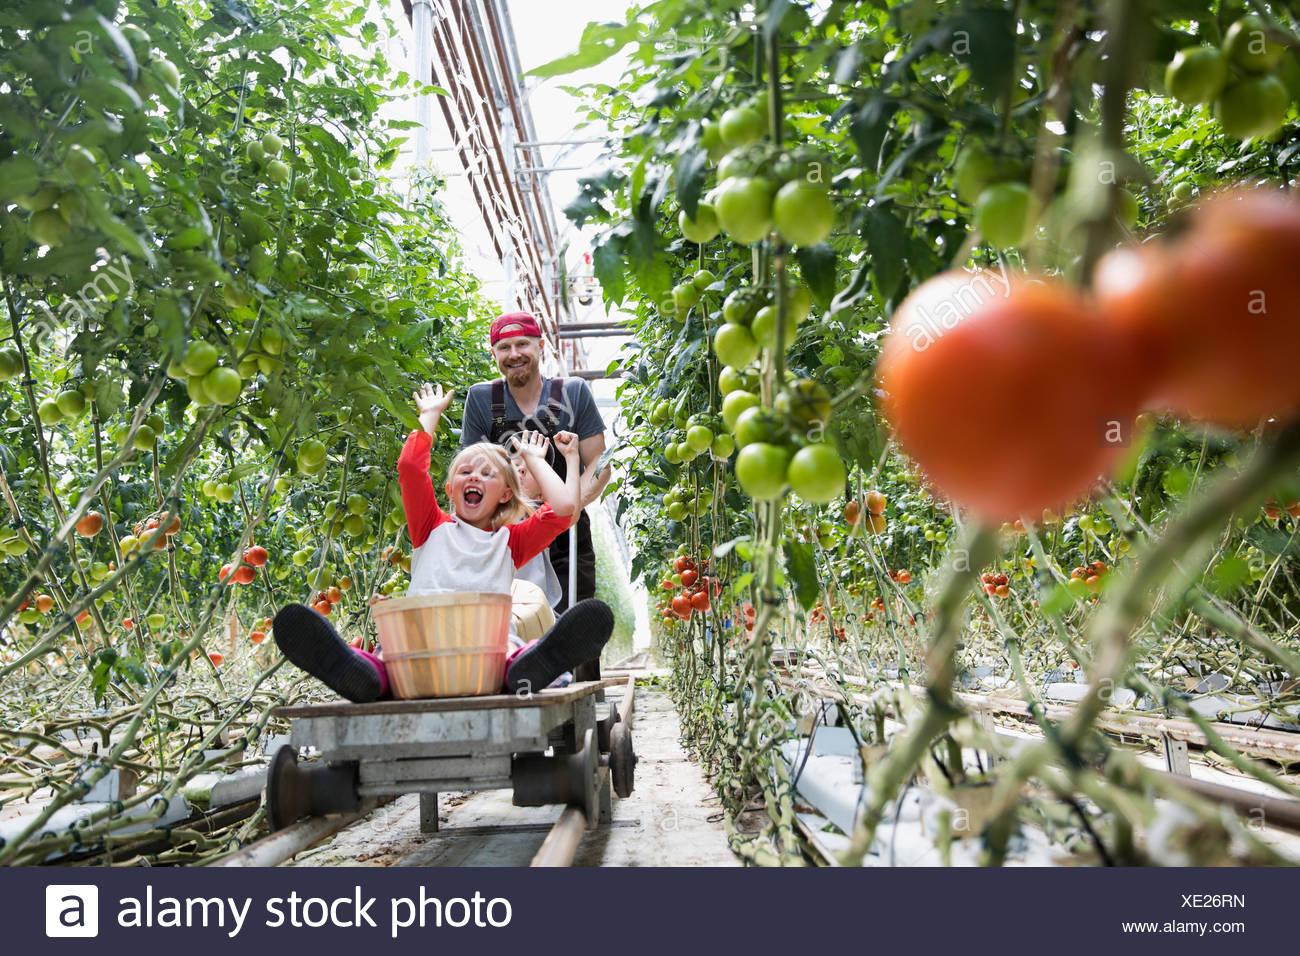 Père poussant les enfants espiègles sur panier entre la culture plants in greenhouse Photo Stock